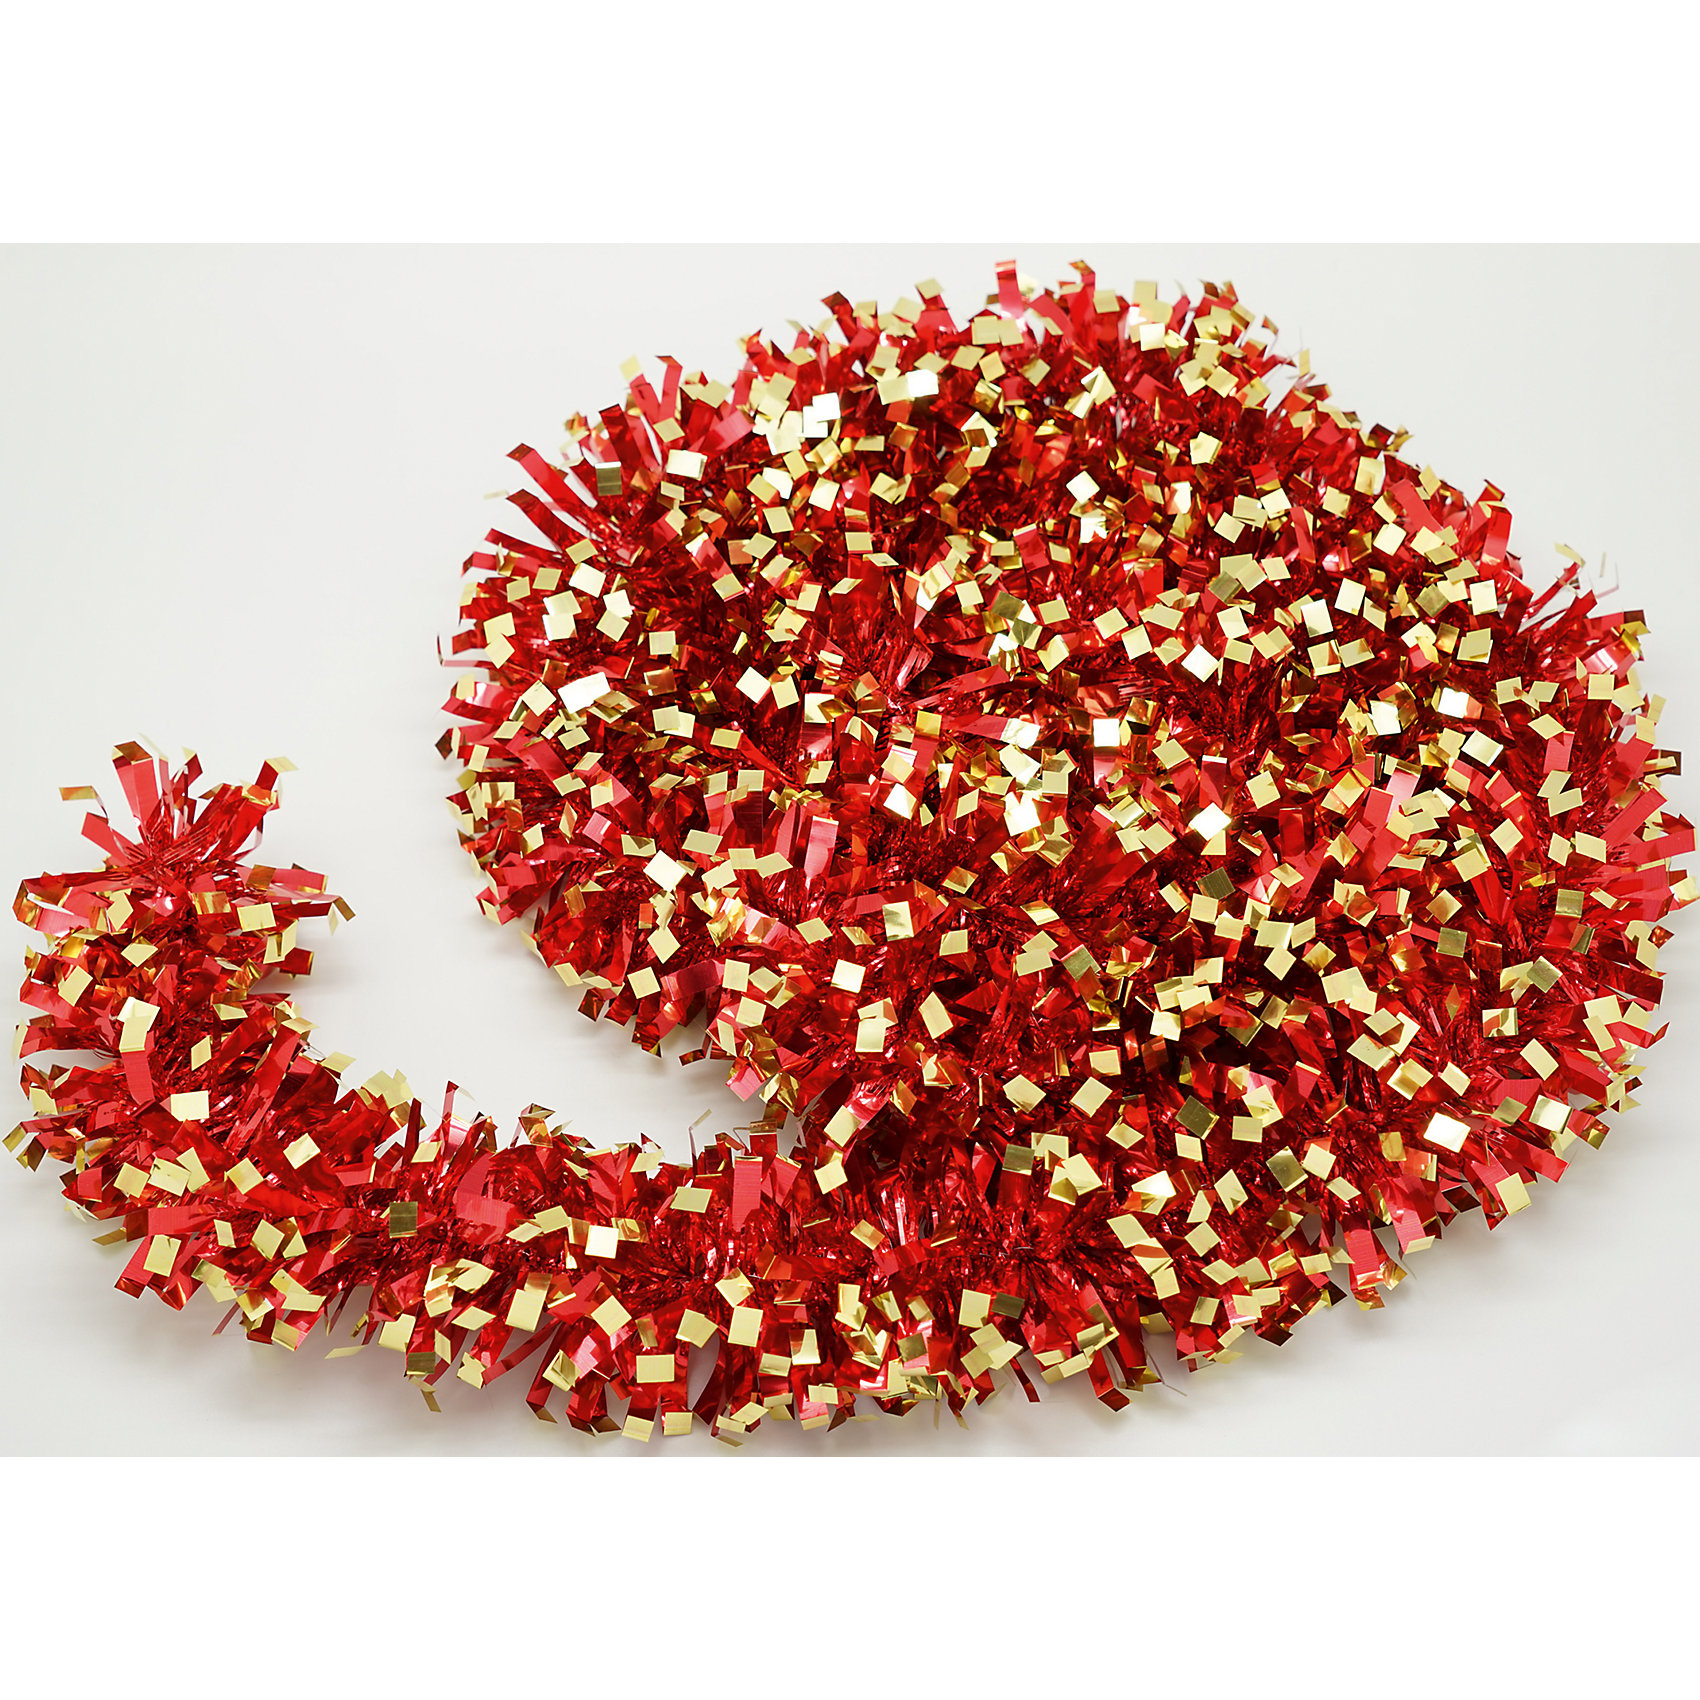 Новогодняя мишура, красная с золотом 9х200Всё для праздника<br>Мишура новогодняя красная с золотом 9х200 арт.16503 Мишура идеально подойдет для оформления Вашего новогоднего праздника.<br>Из Мишуры очень просто воплотить Ваши дизайнерские идеи в  жизнь, благодаря тонкой проволке внутри, мишура легко принимает ту форму, которую Вам необходимо. Удачи в Ваших Новогодних задумках!<br><br>Ширина мм: 2000<br>Глубина мм: 90<br>Высота мм: 90<br>Вес г: 50<br>Возраст от месяцев: 72<br>Возраст до месяцев: 480<br>Пол: Унисекс<br>Возраст: Детский<br>SKU: 5051668